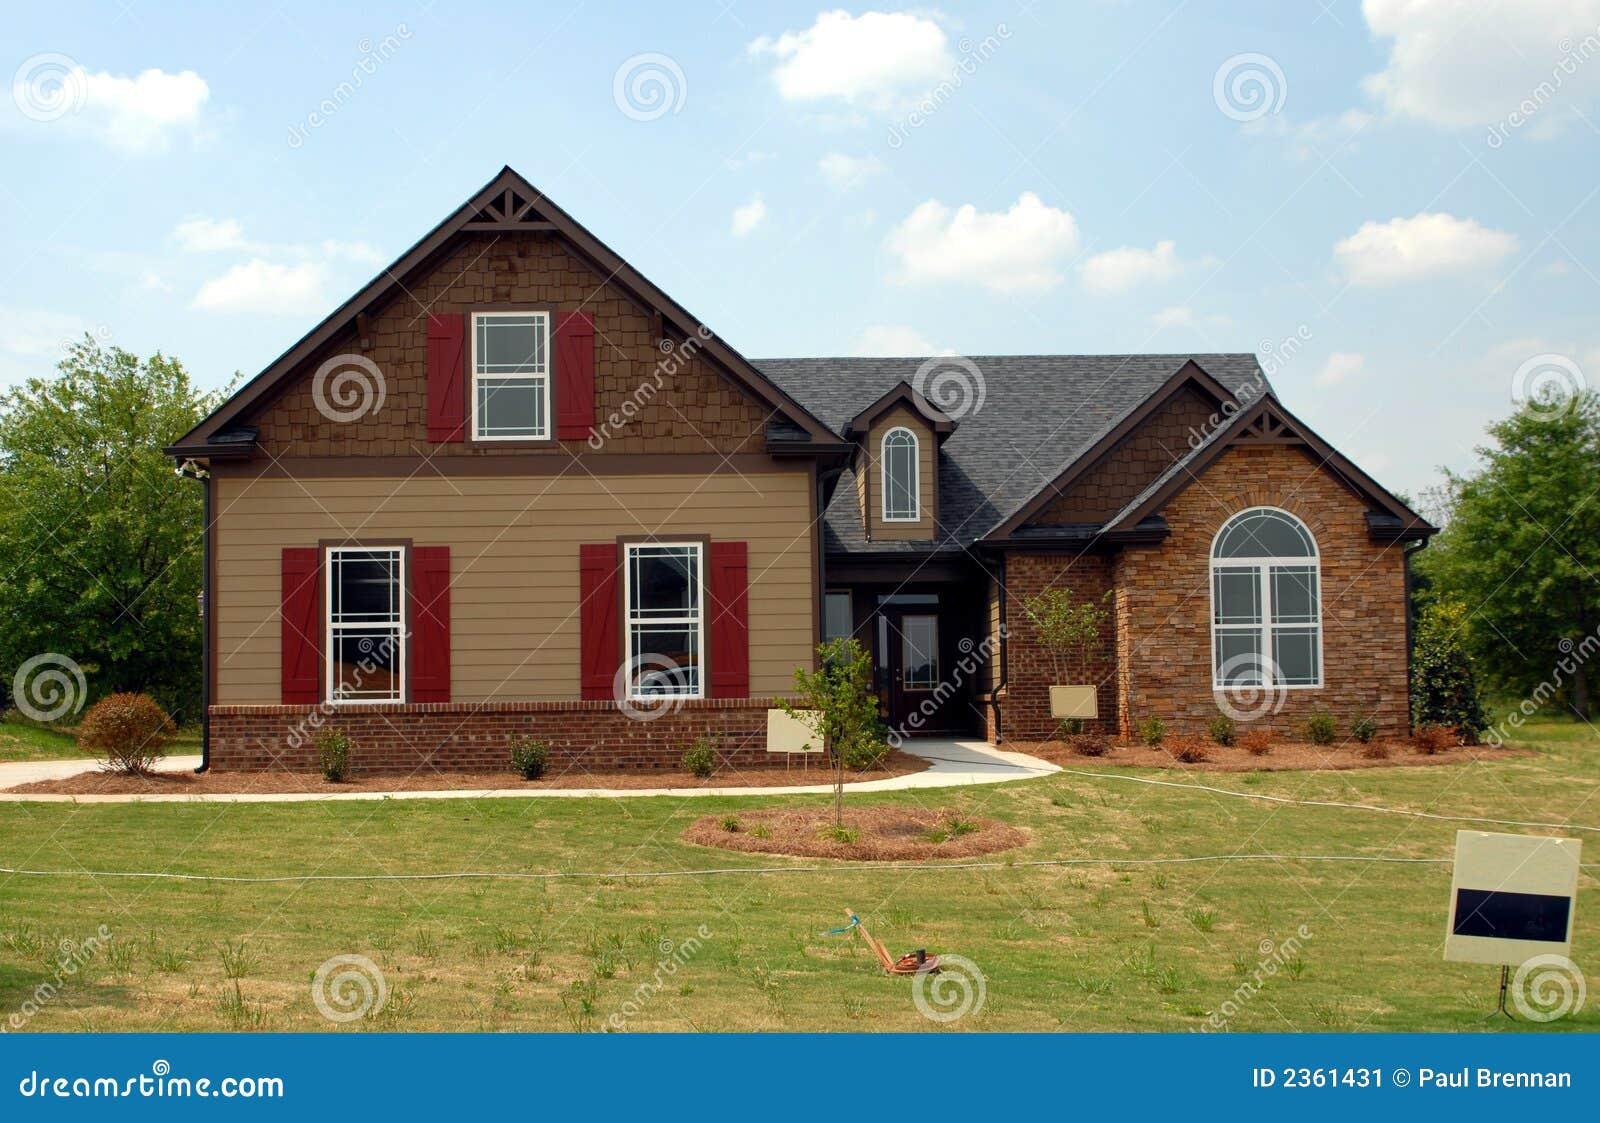 Nieuw huis voor verkoop stock afbeelding afbeelding 2361431 - Huis verkoop ...